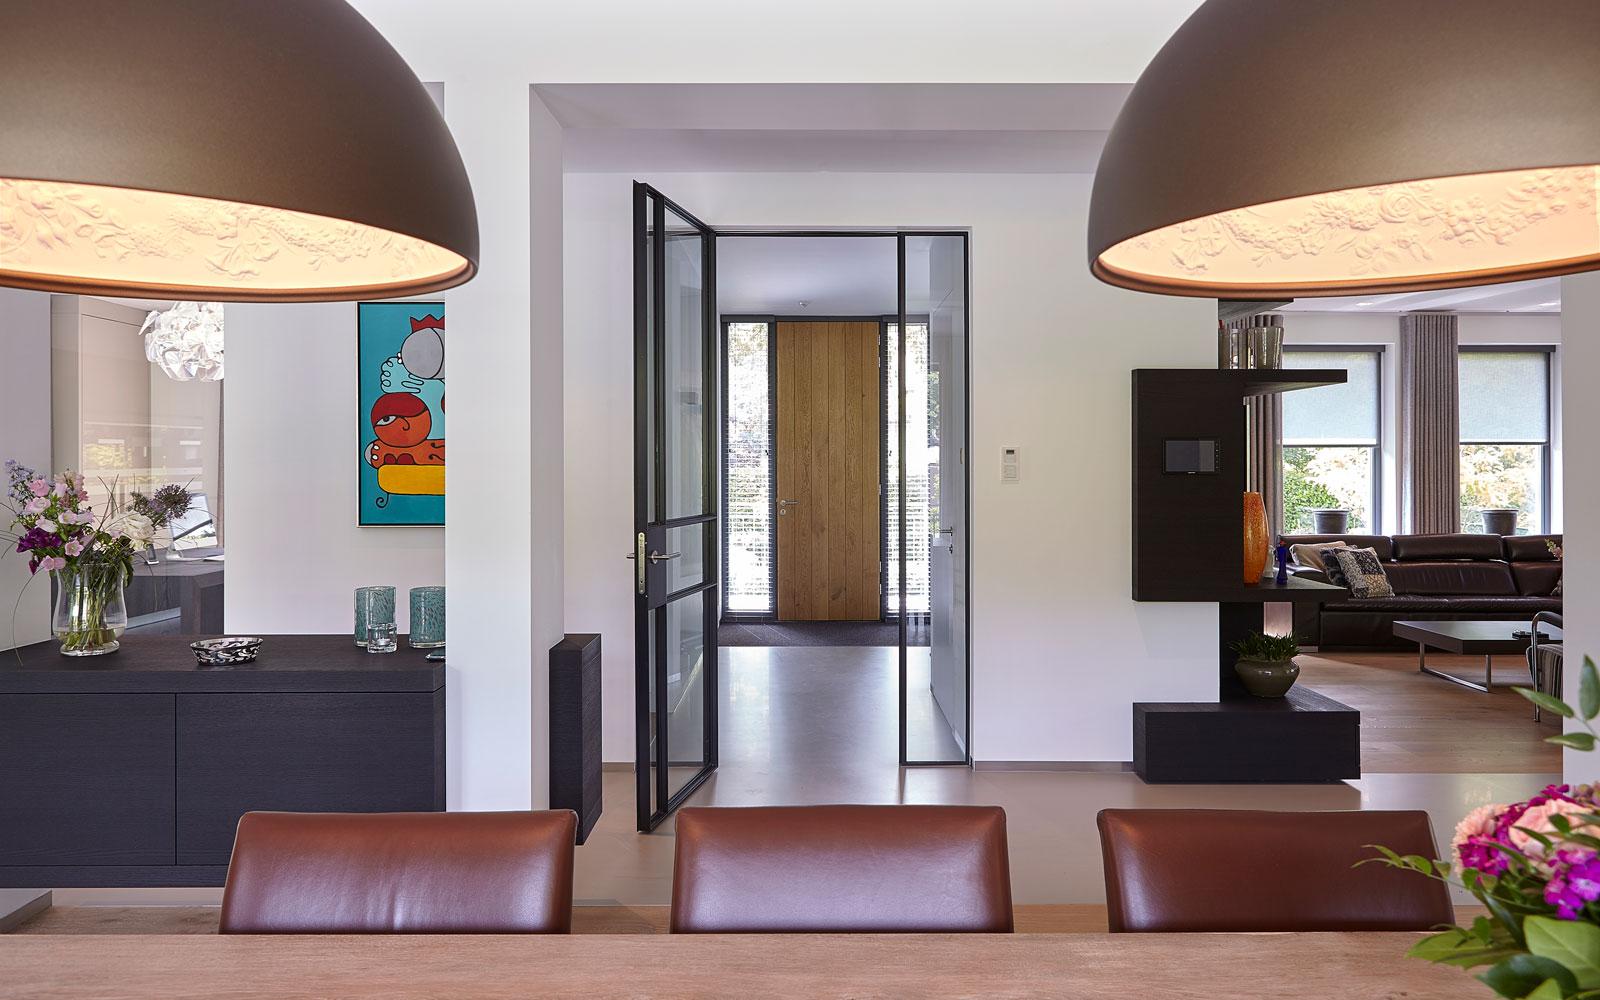 Eettafel met lampen van Lichtstudio Kwadraat, houten voordeur, entree, woonkamer, inspirerende villa, Wolfs Architecten